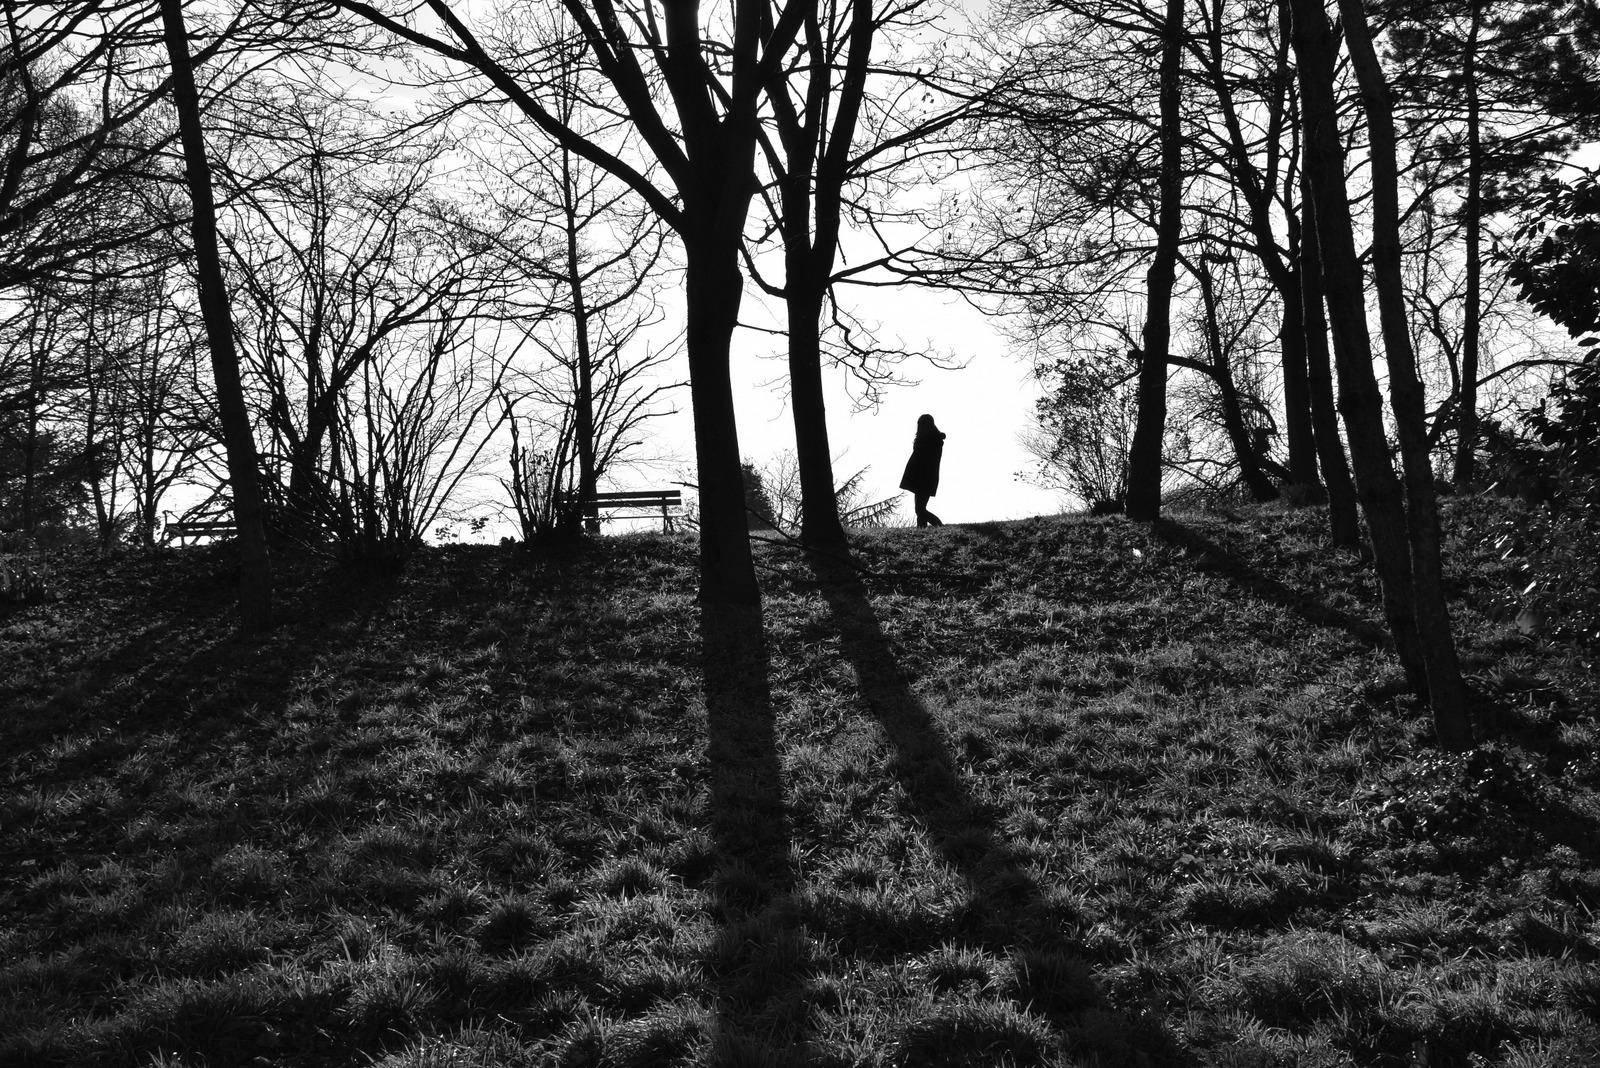 Lumières - Parc Ballanger - Photo - Constant JOSSE